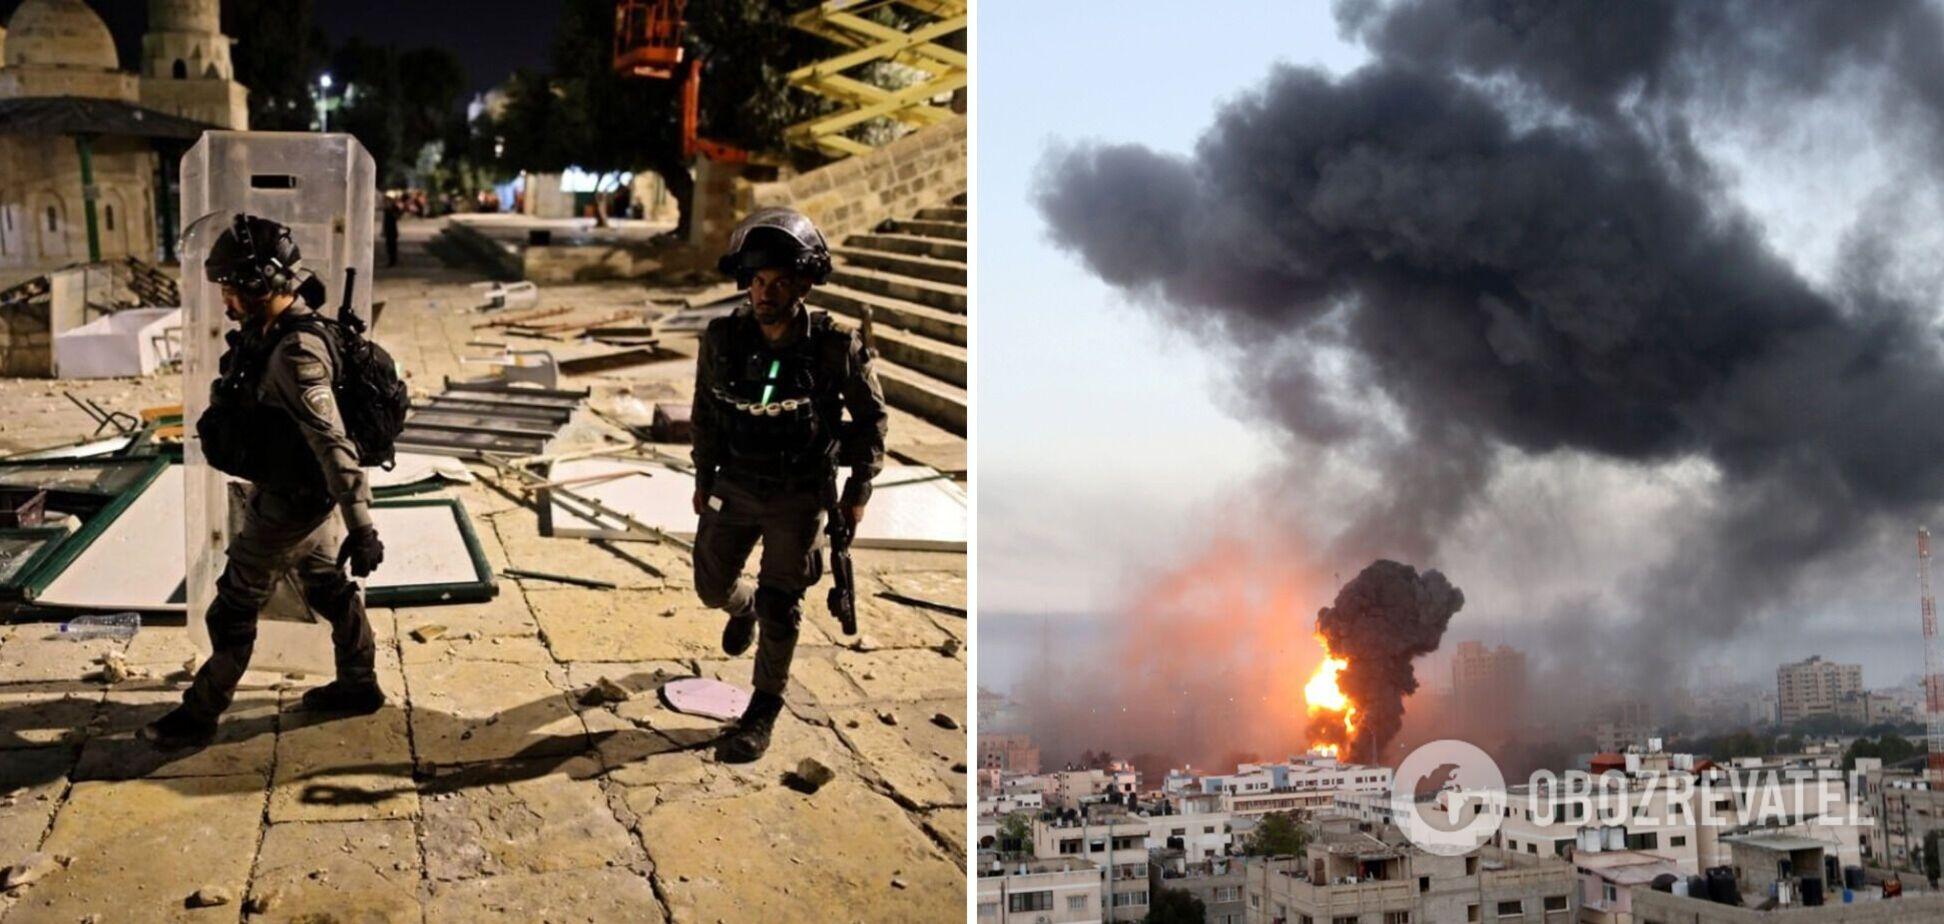 Израильтяне готовятся к наземной операции: эксперт предсказал усугубление конфликта